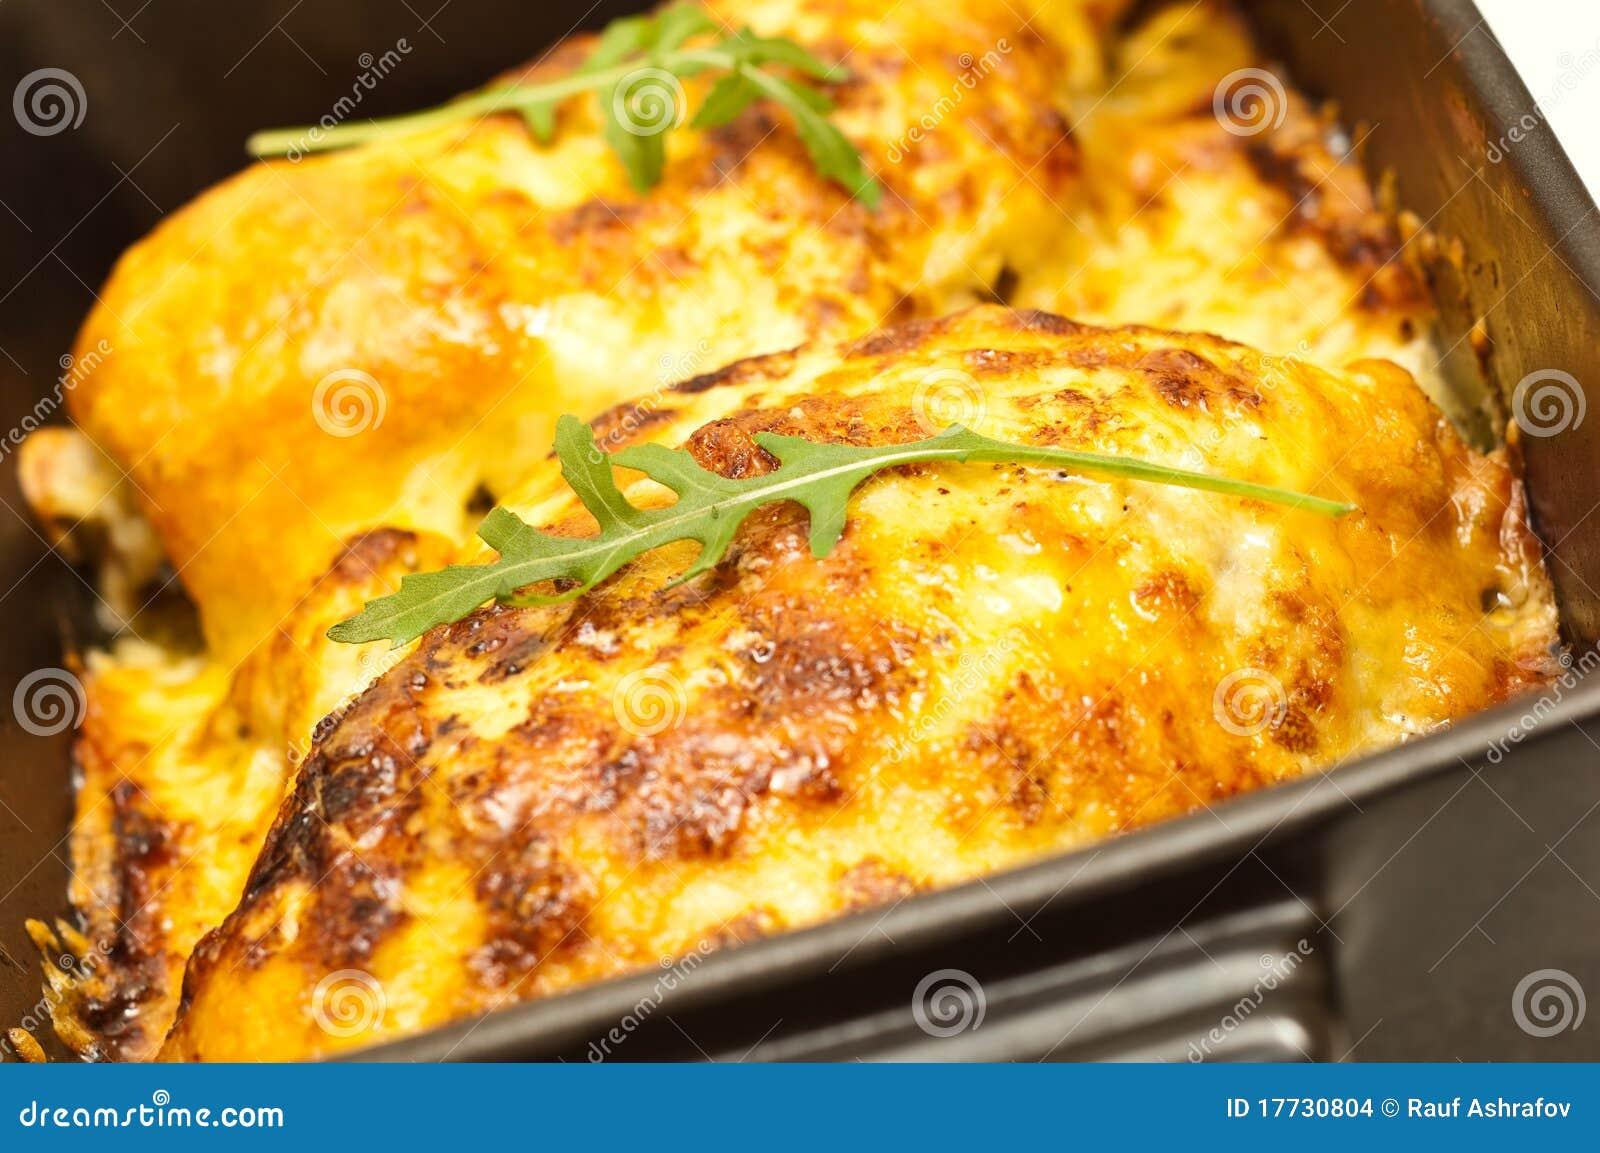 blancs de poulet cuits au four en fromage images stock image 17730804. Black Bedroom Furniture Sets. Home Design Ideas